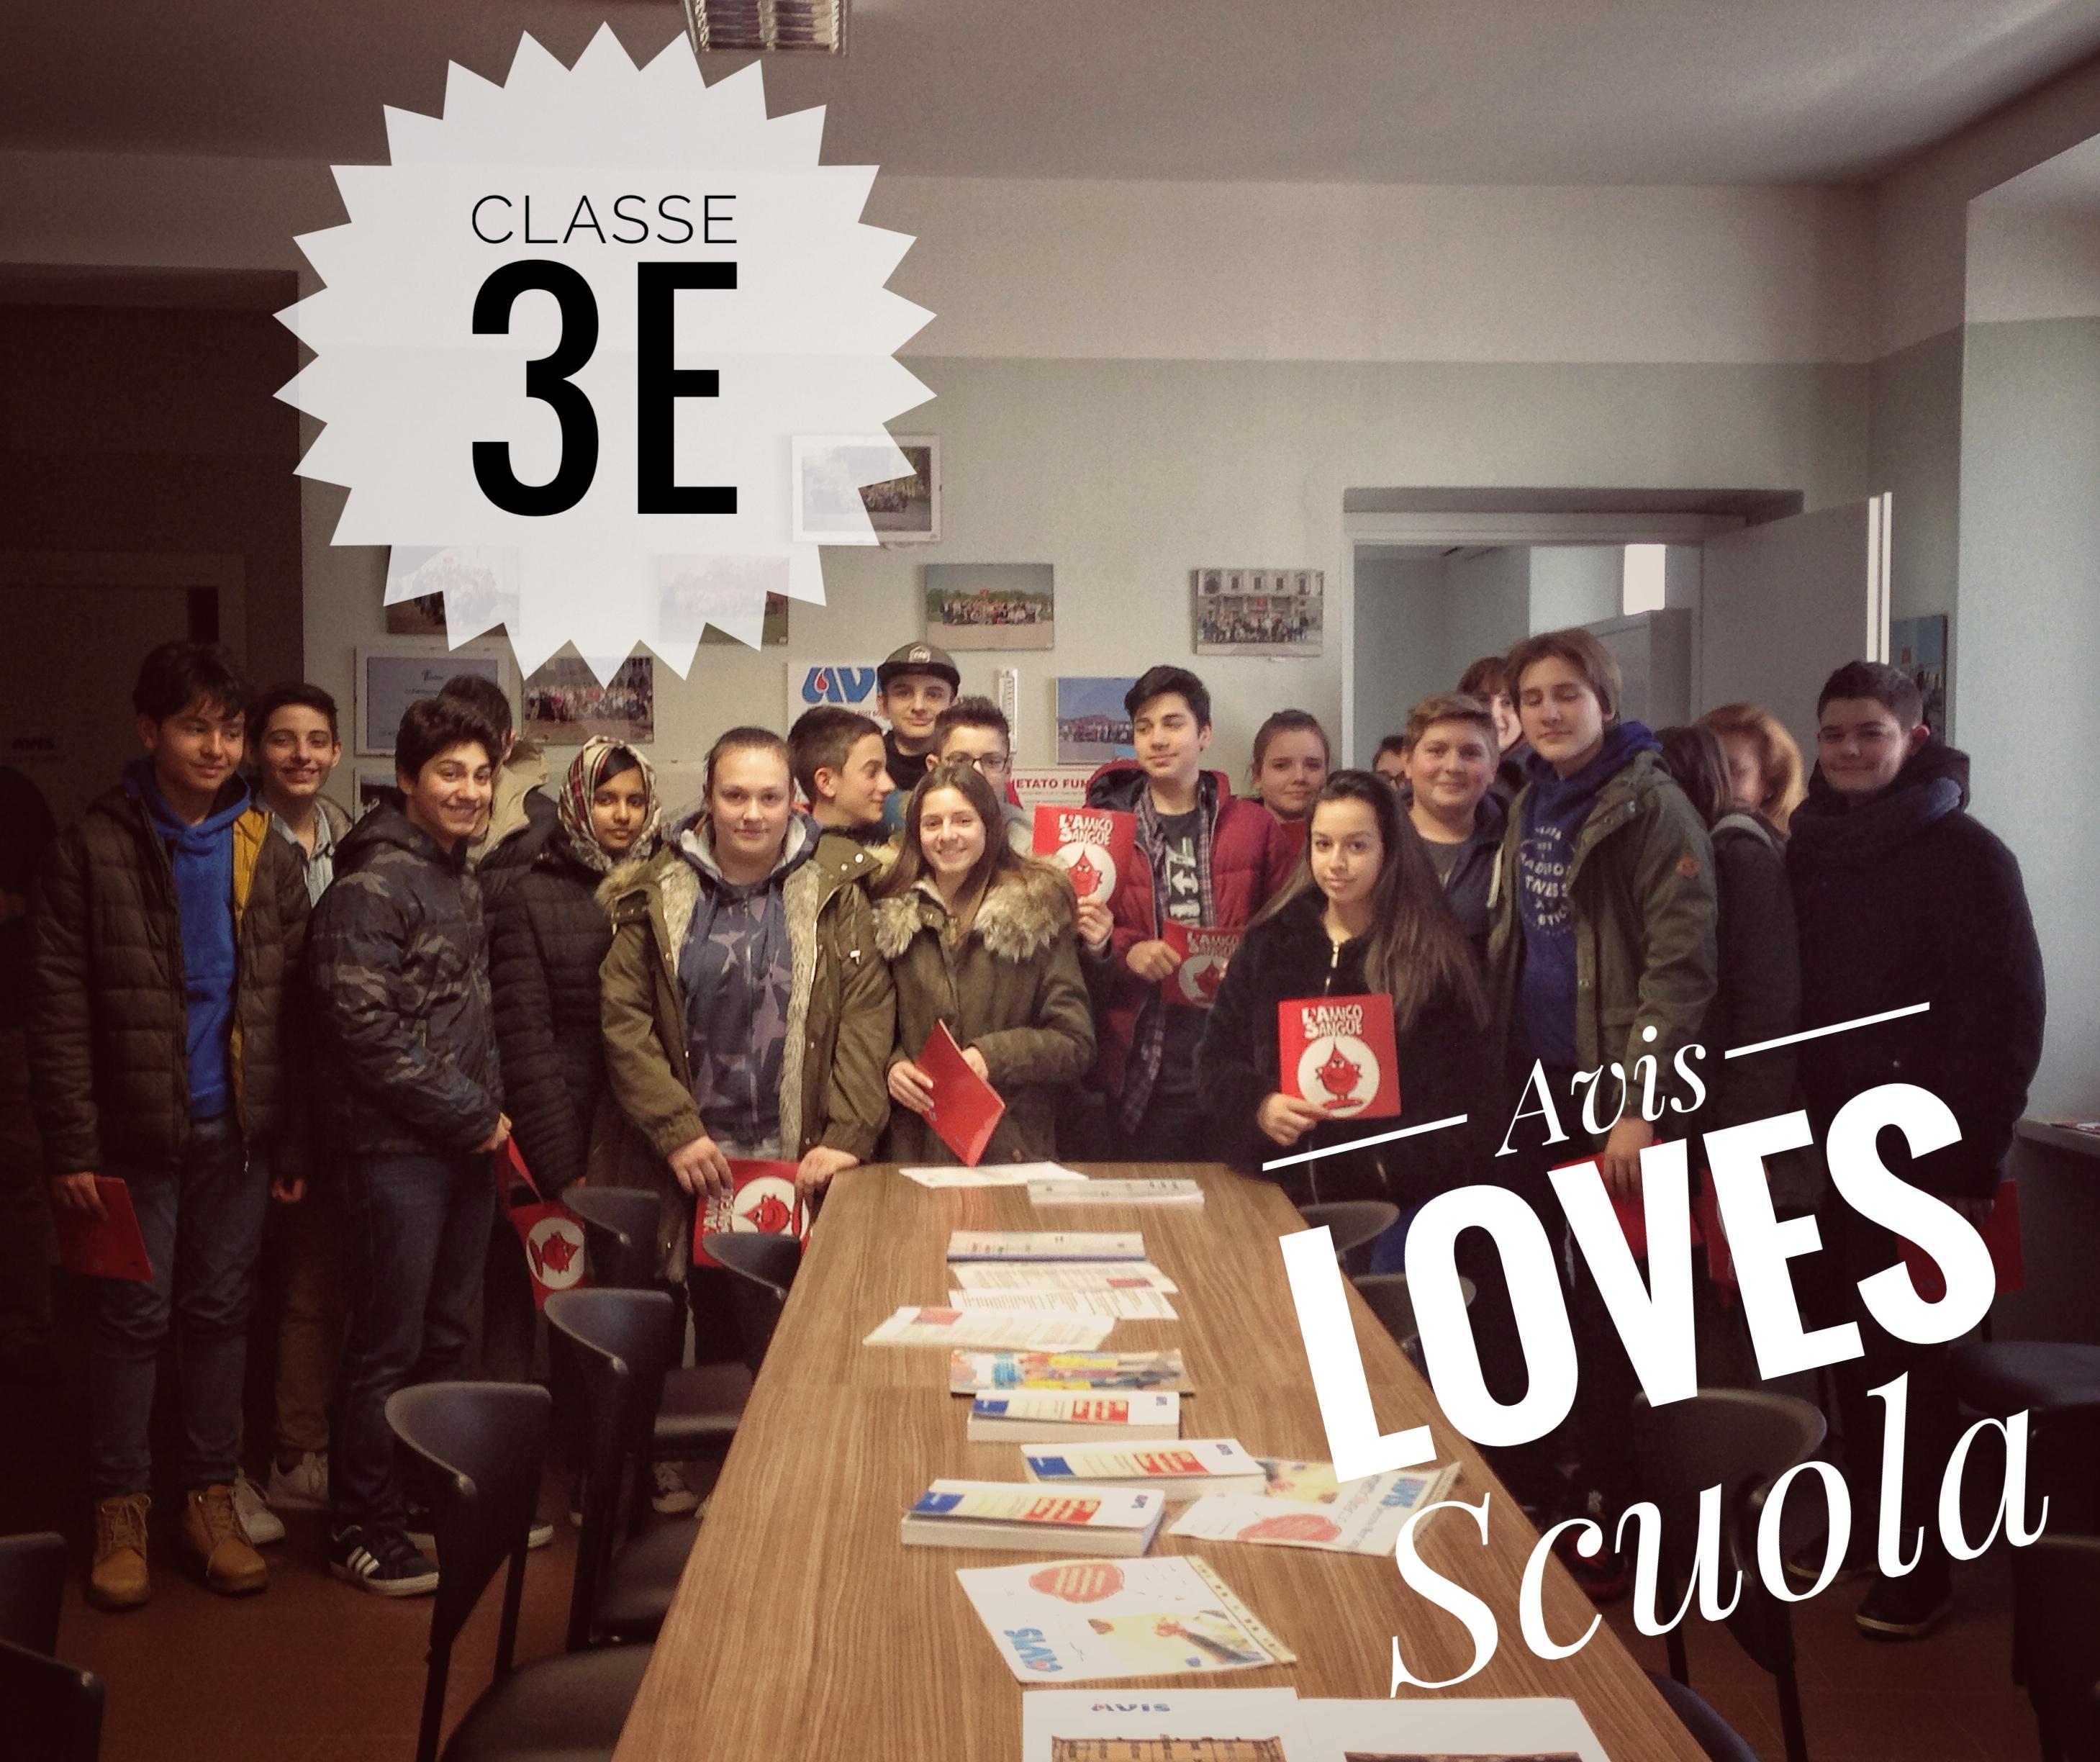 Classe 3E